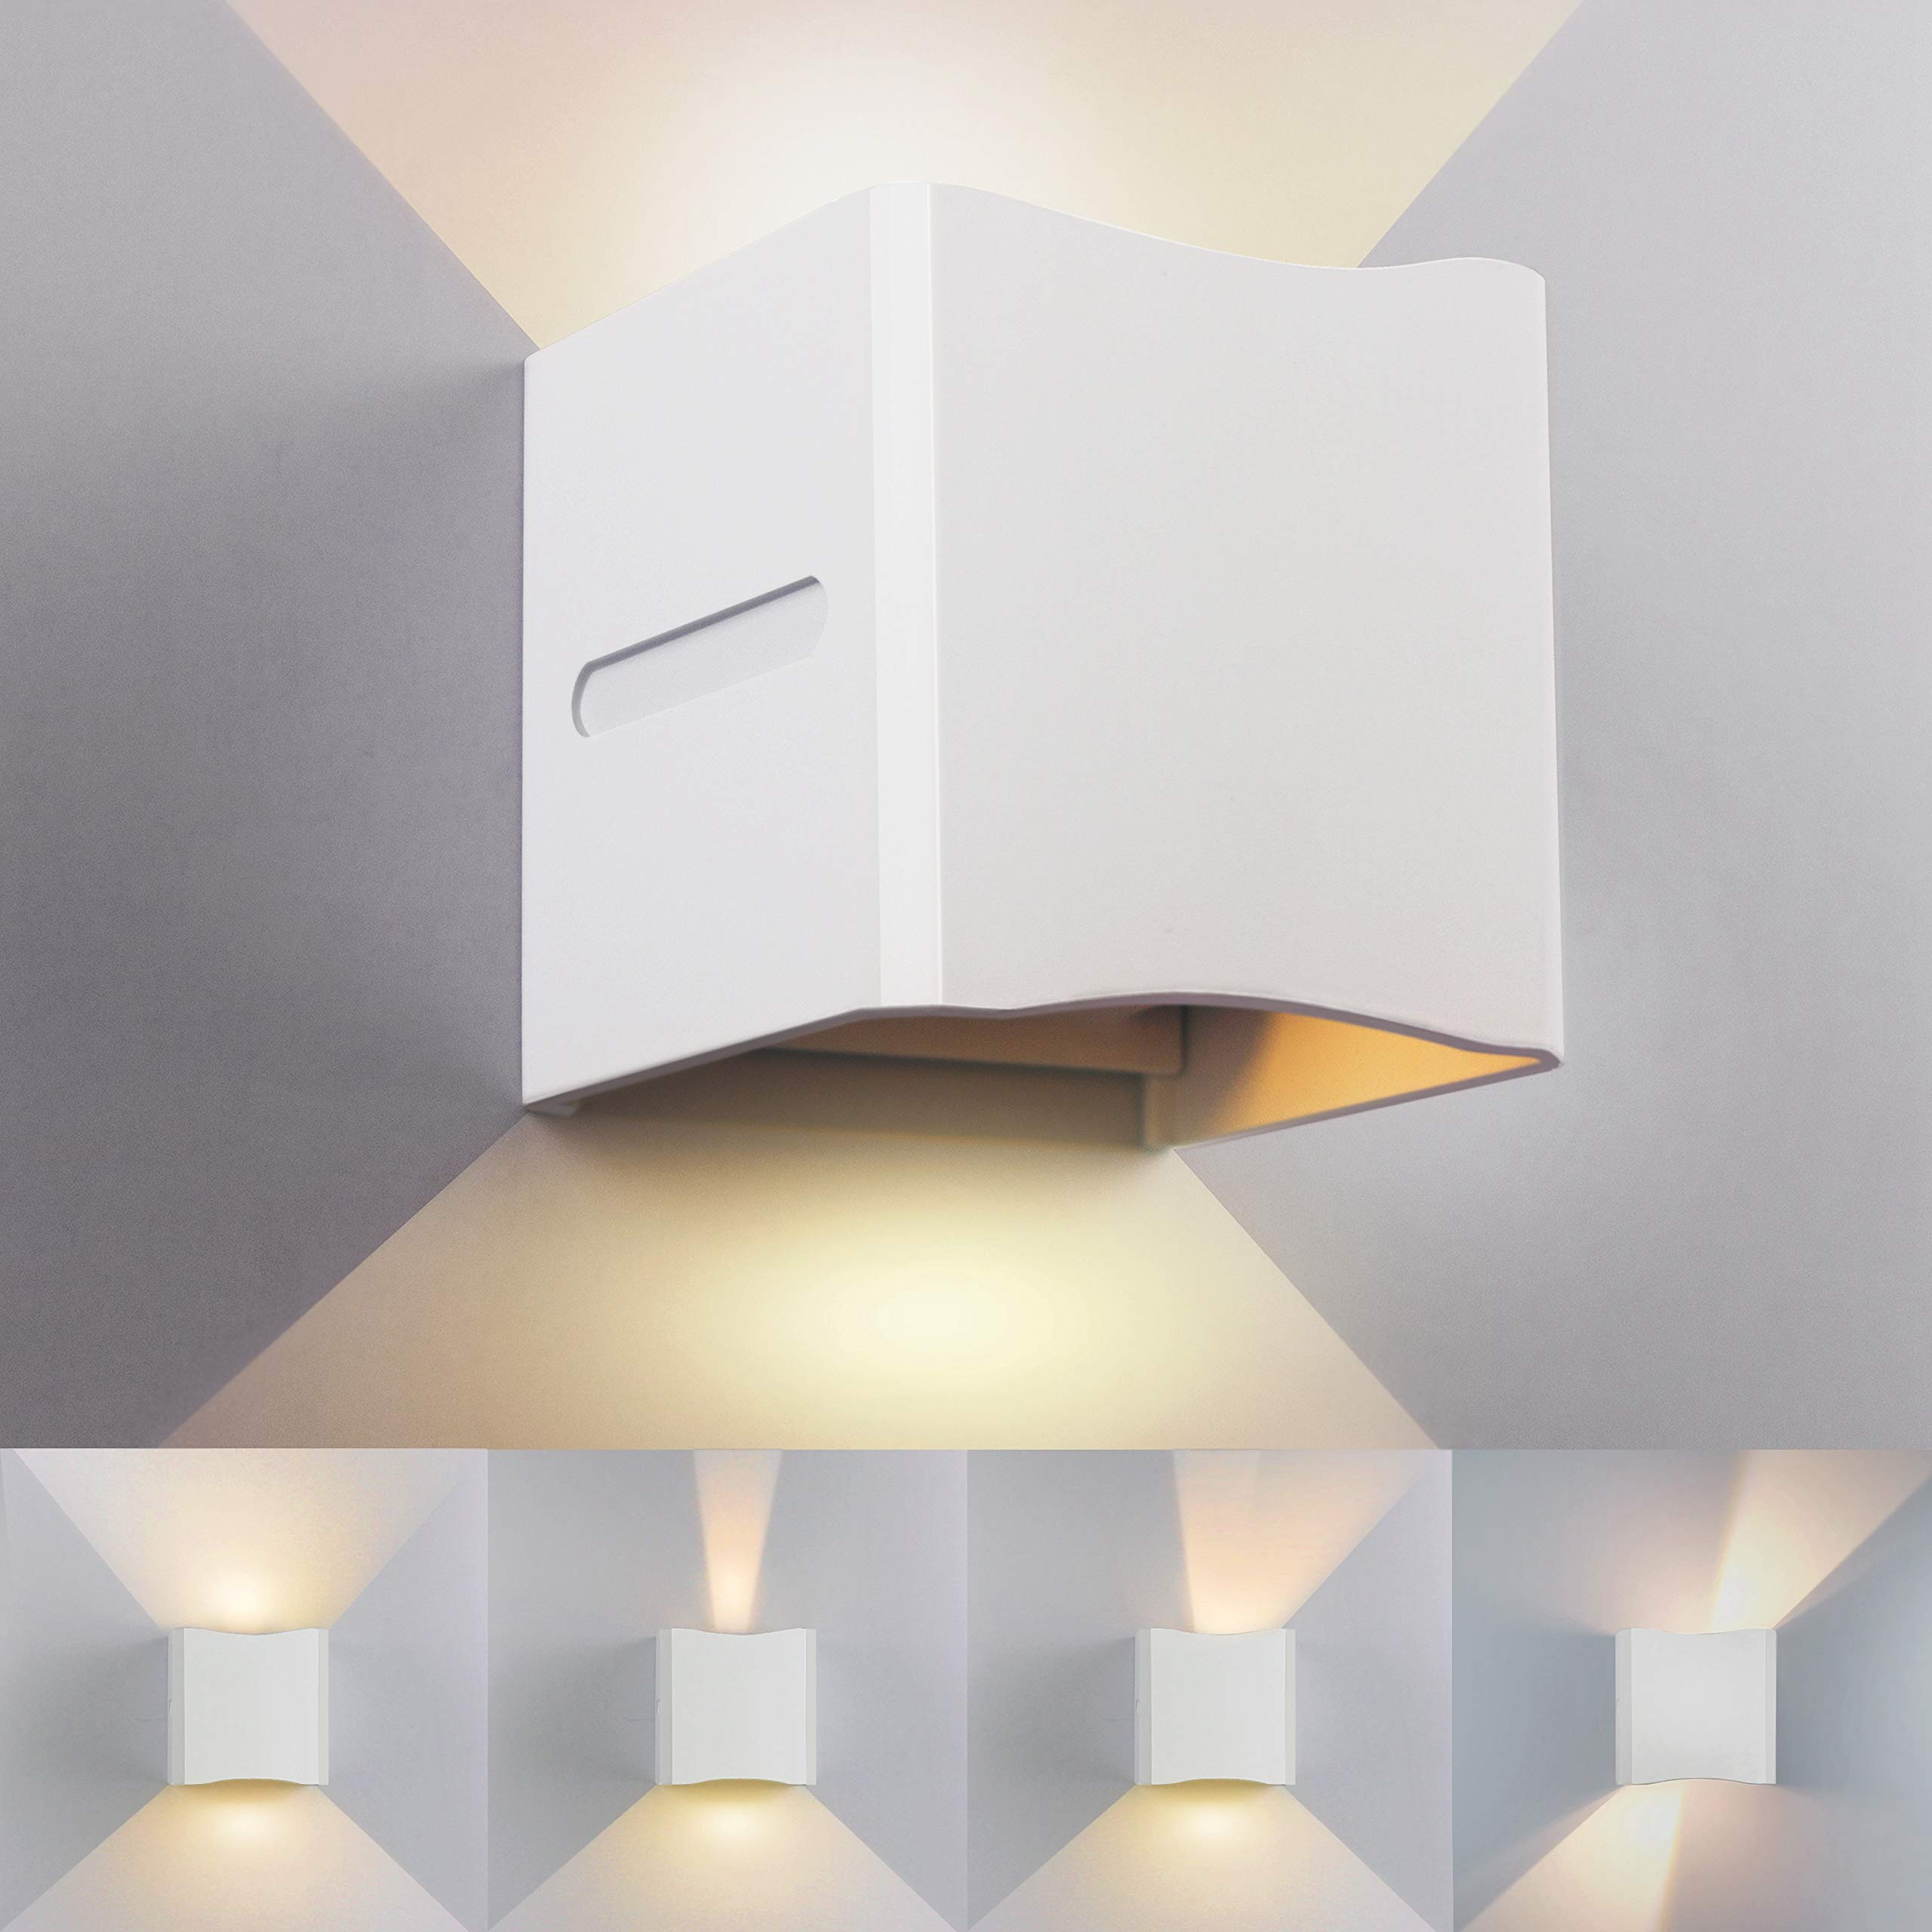 12w led applique murale exterieur interieur noire imperm able ip65 r glable lampe up and down. Black Bedroom Furniture Sets. Home Design Ideas